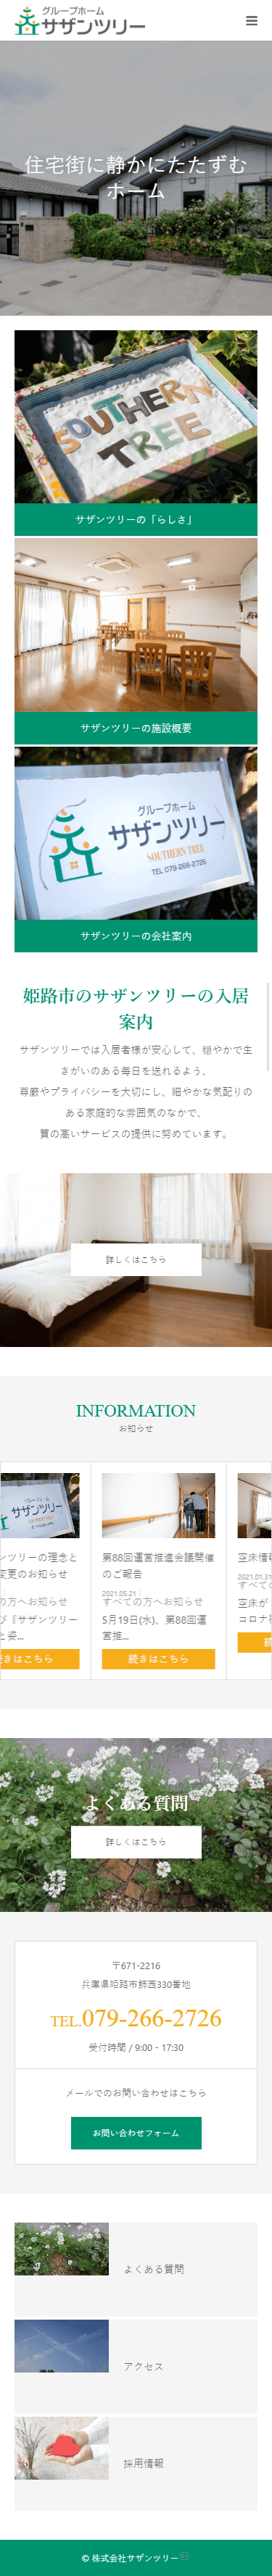 姫路市 株式会社サザンツリー ホームページ制作3